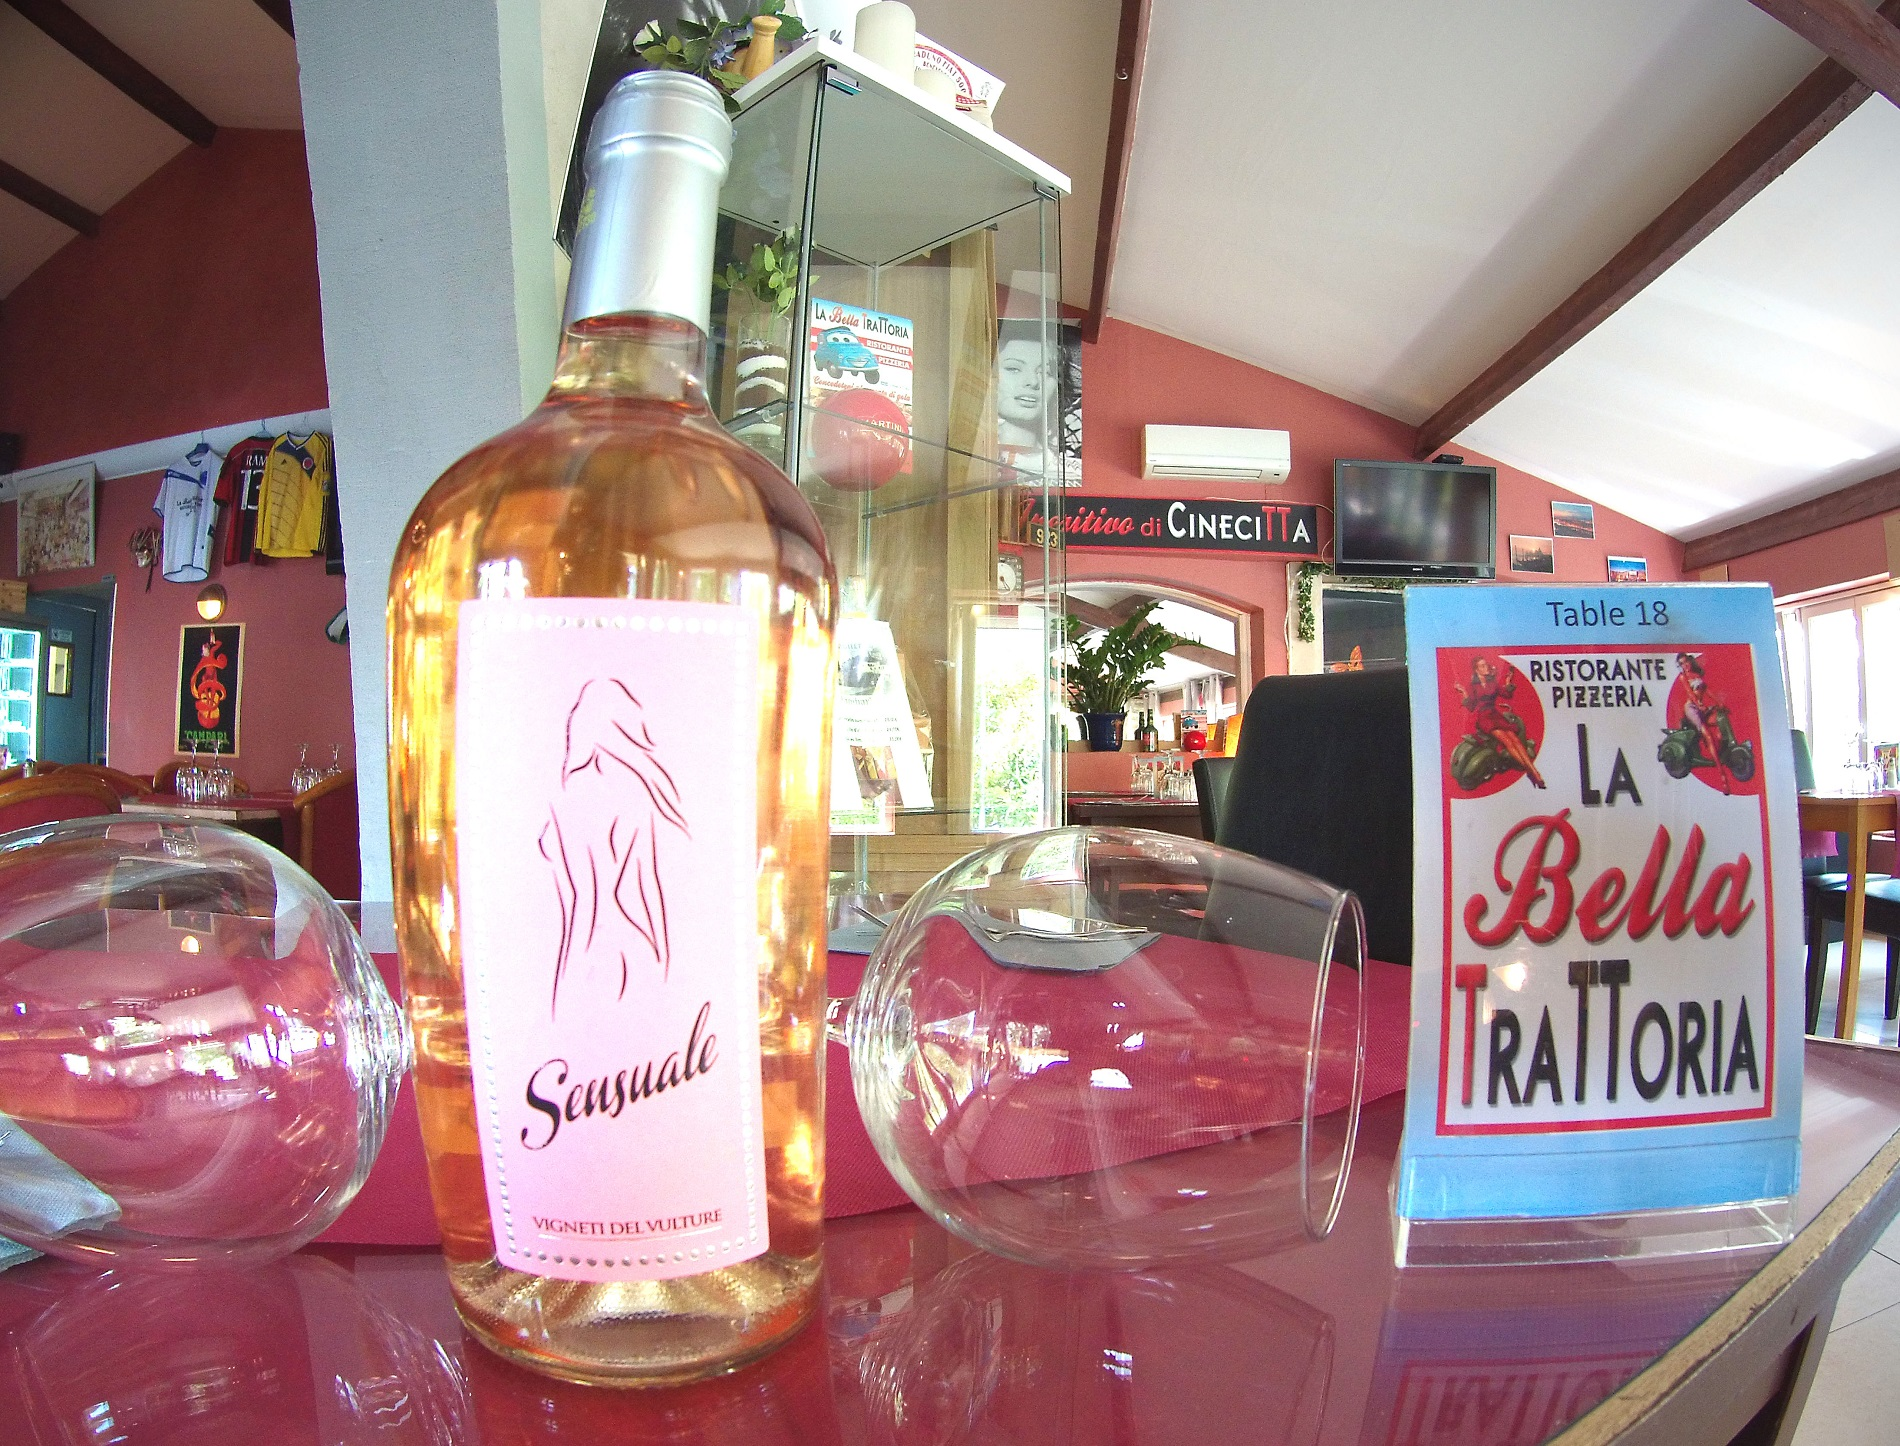 rosé_la_bella_trattoria